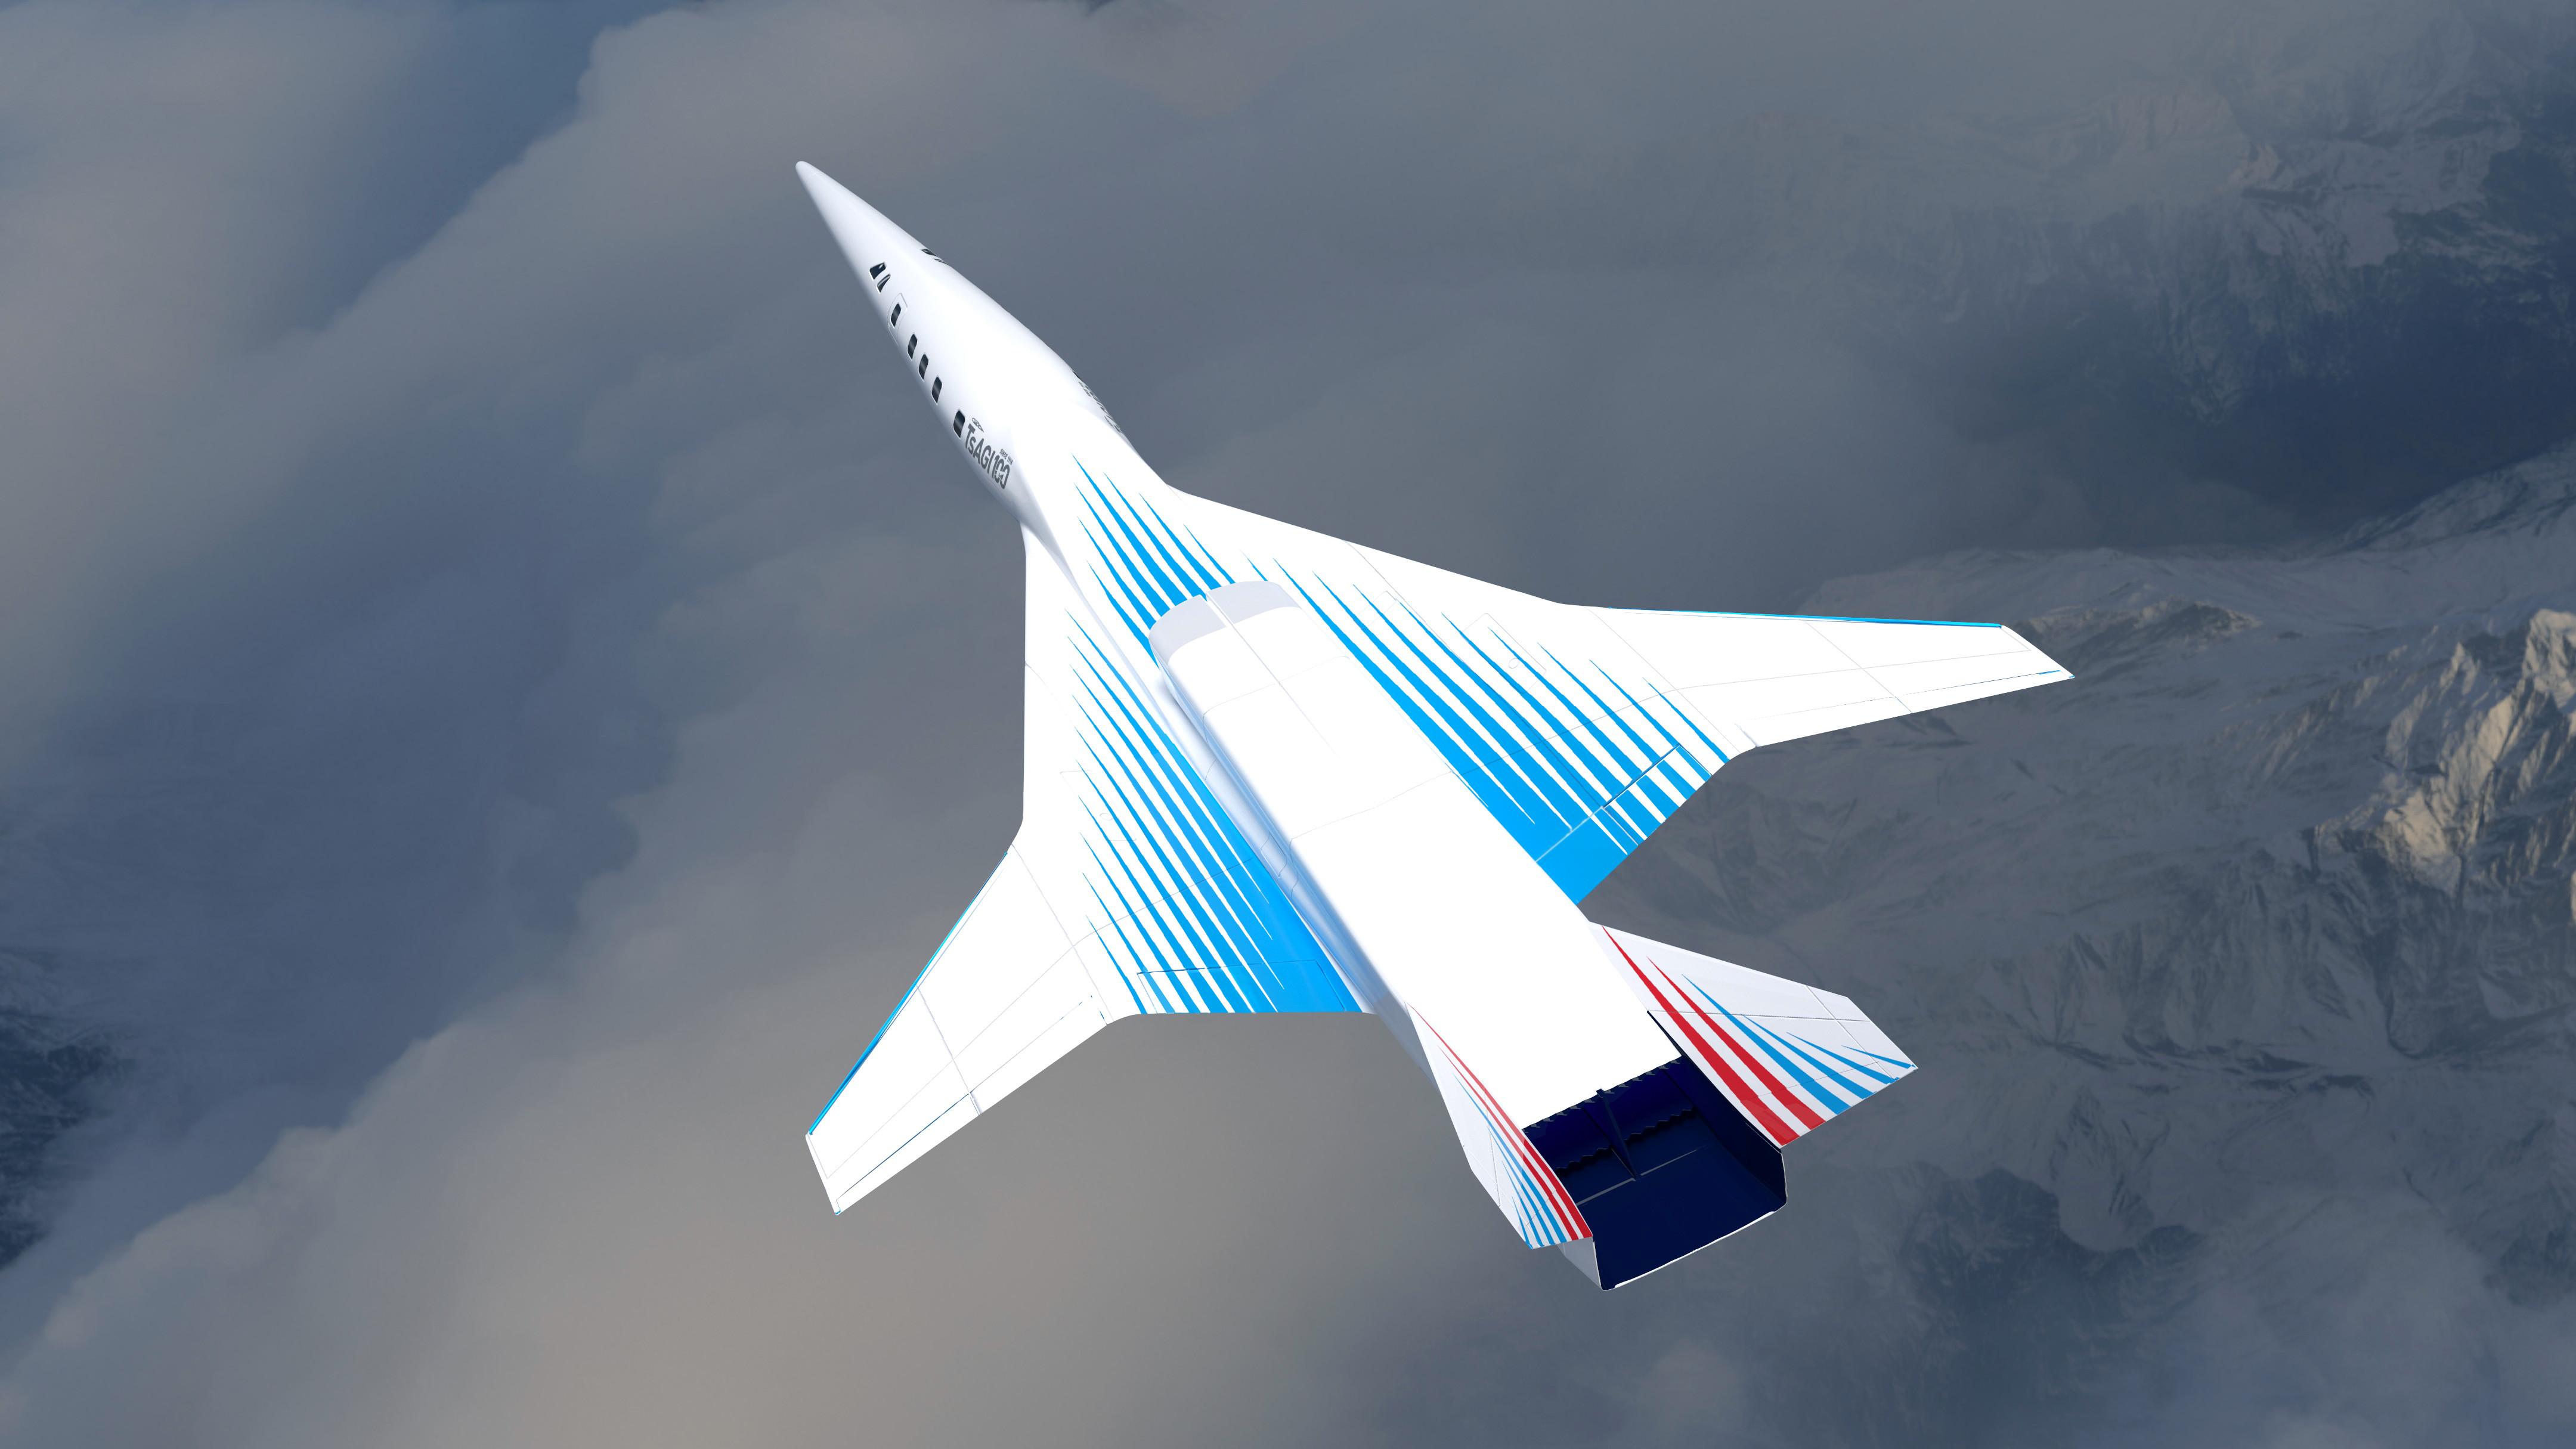 Фото © Центральный аэрогидродинамический институт имени профессора Н.Е. Жуковского